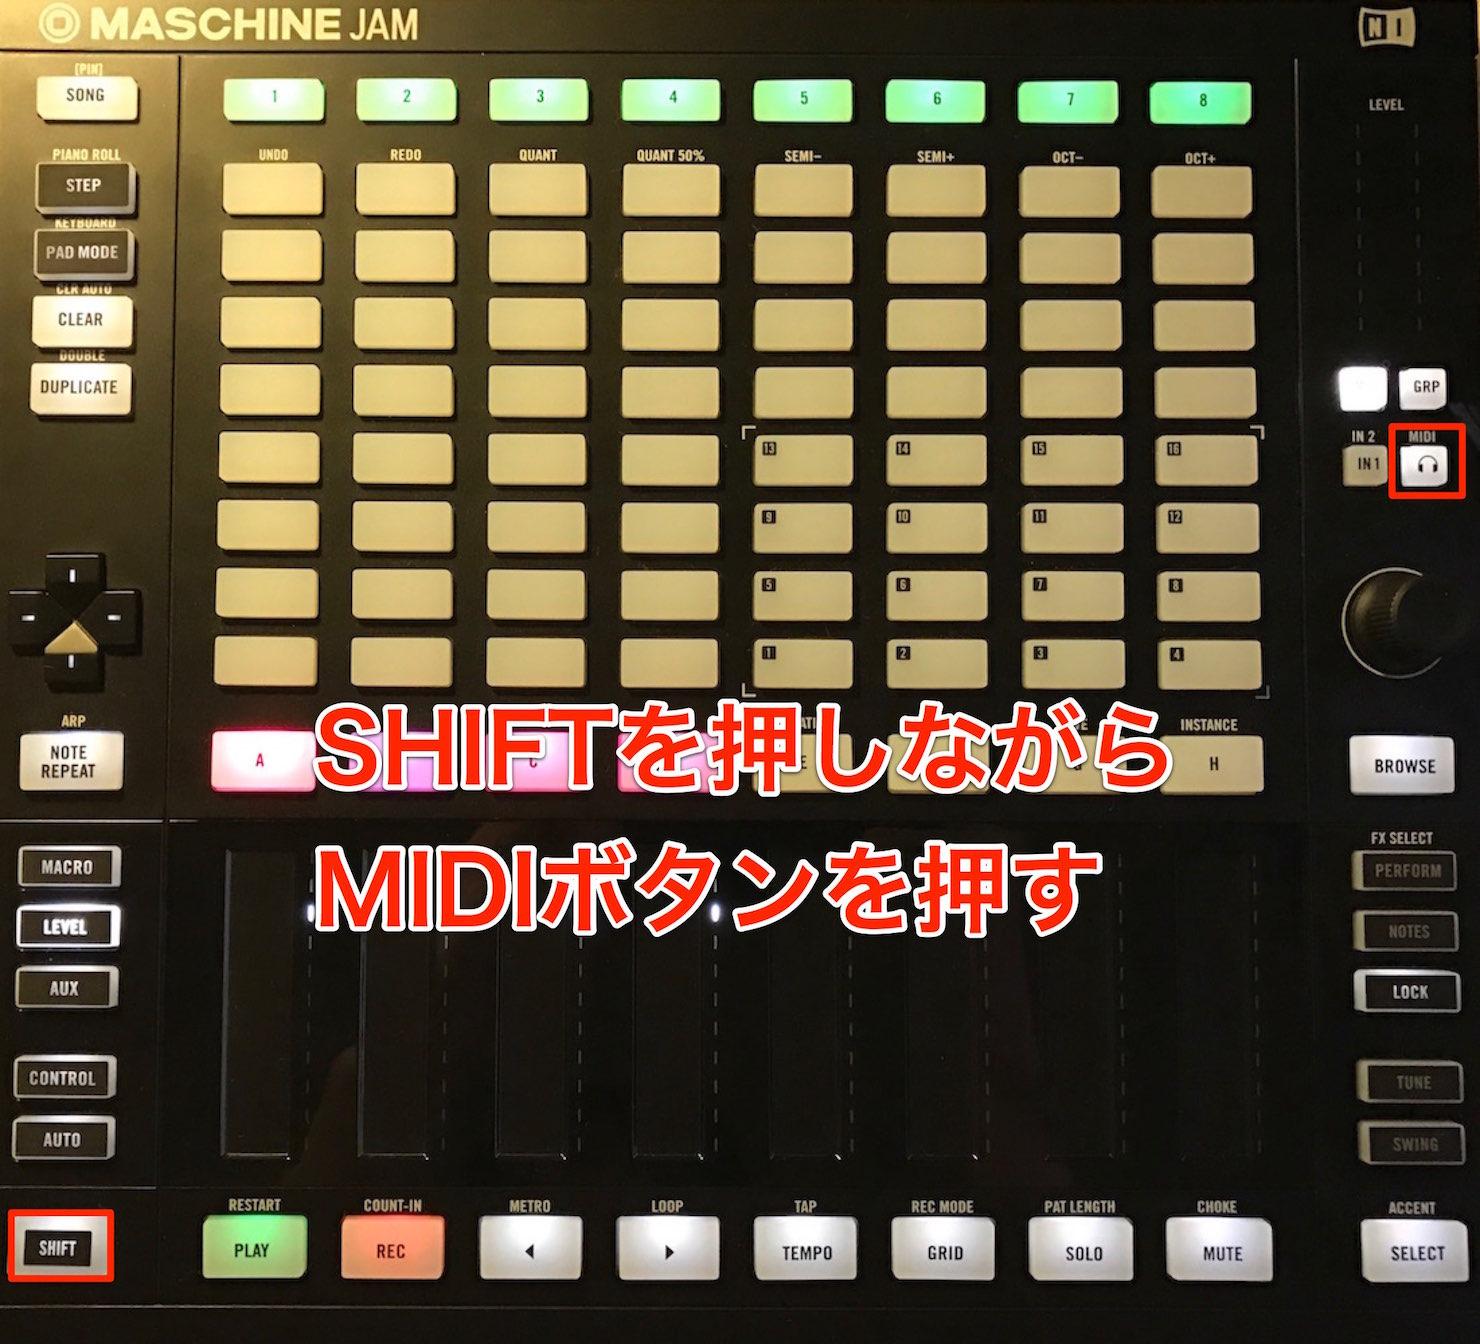 MIDIモードの切り替え